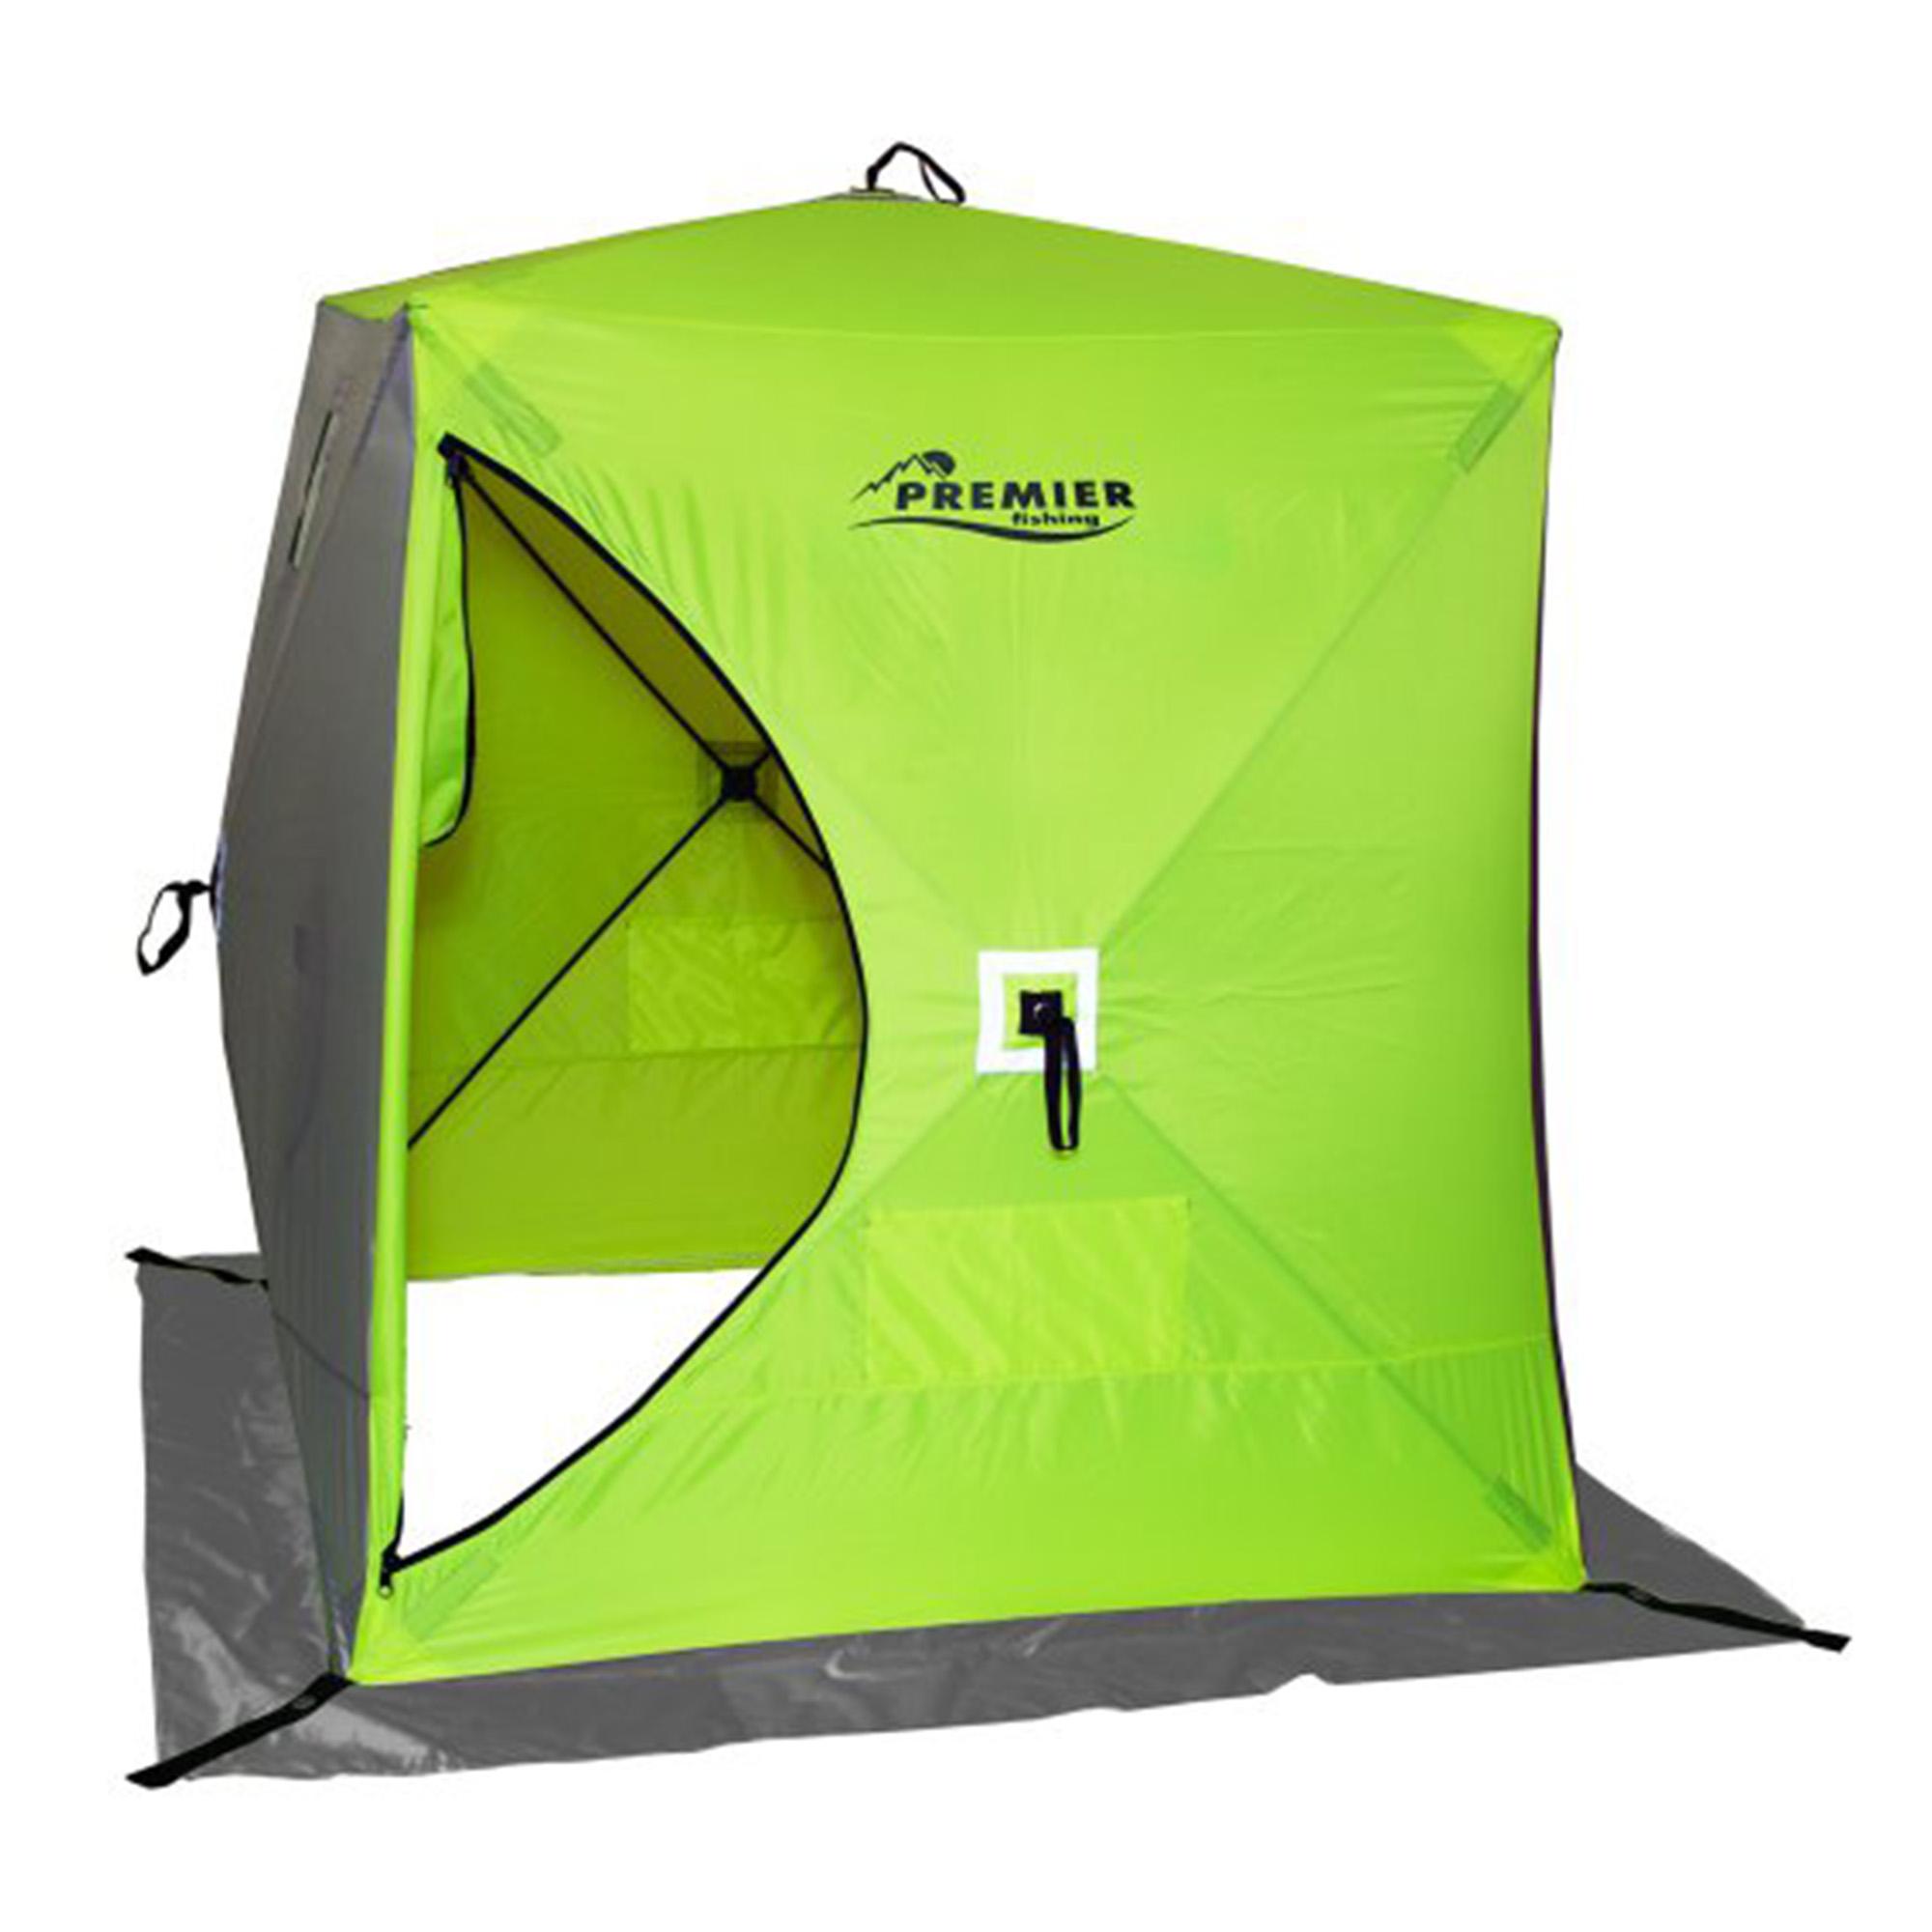 Палатка-куб зимняя PREMIER (1,8х1,8), Палатки - арт. 1128330162